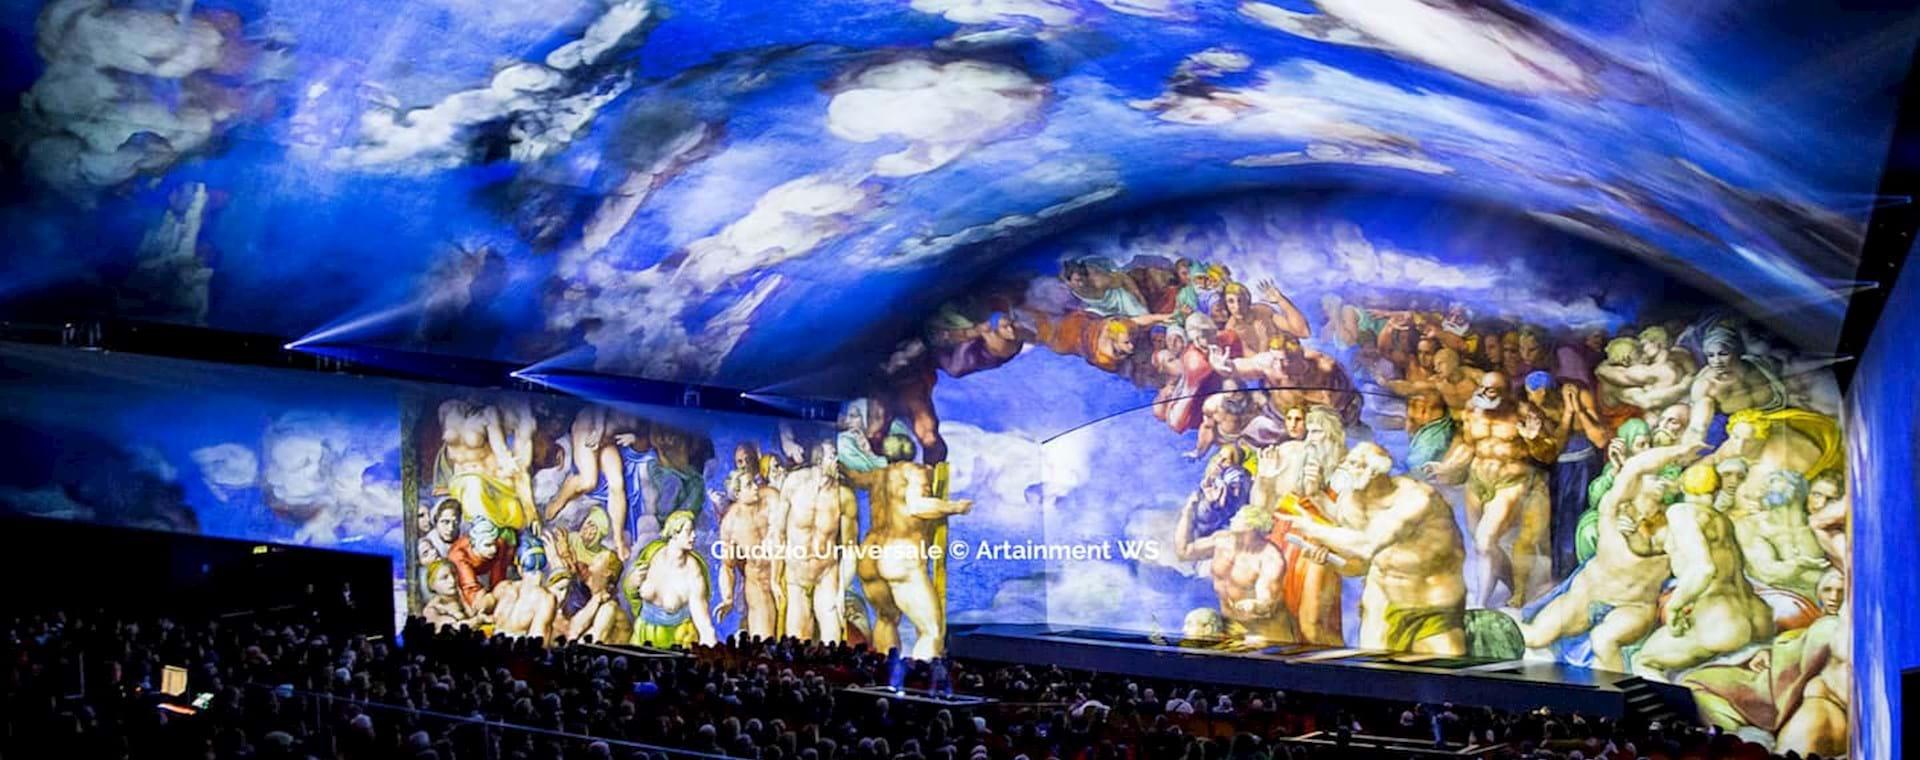 Espectáculo en directo: El Juicio Final de Miguel Ángel